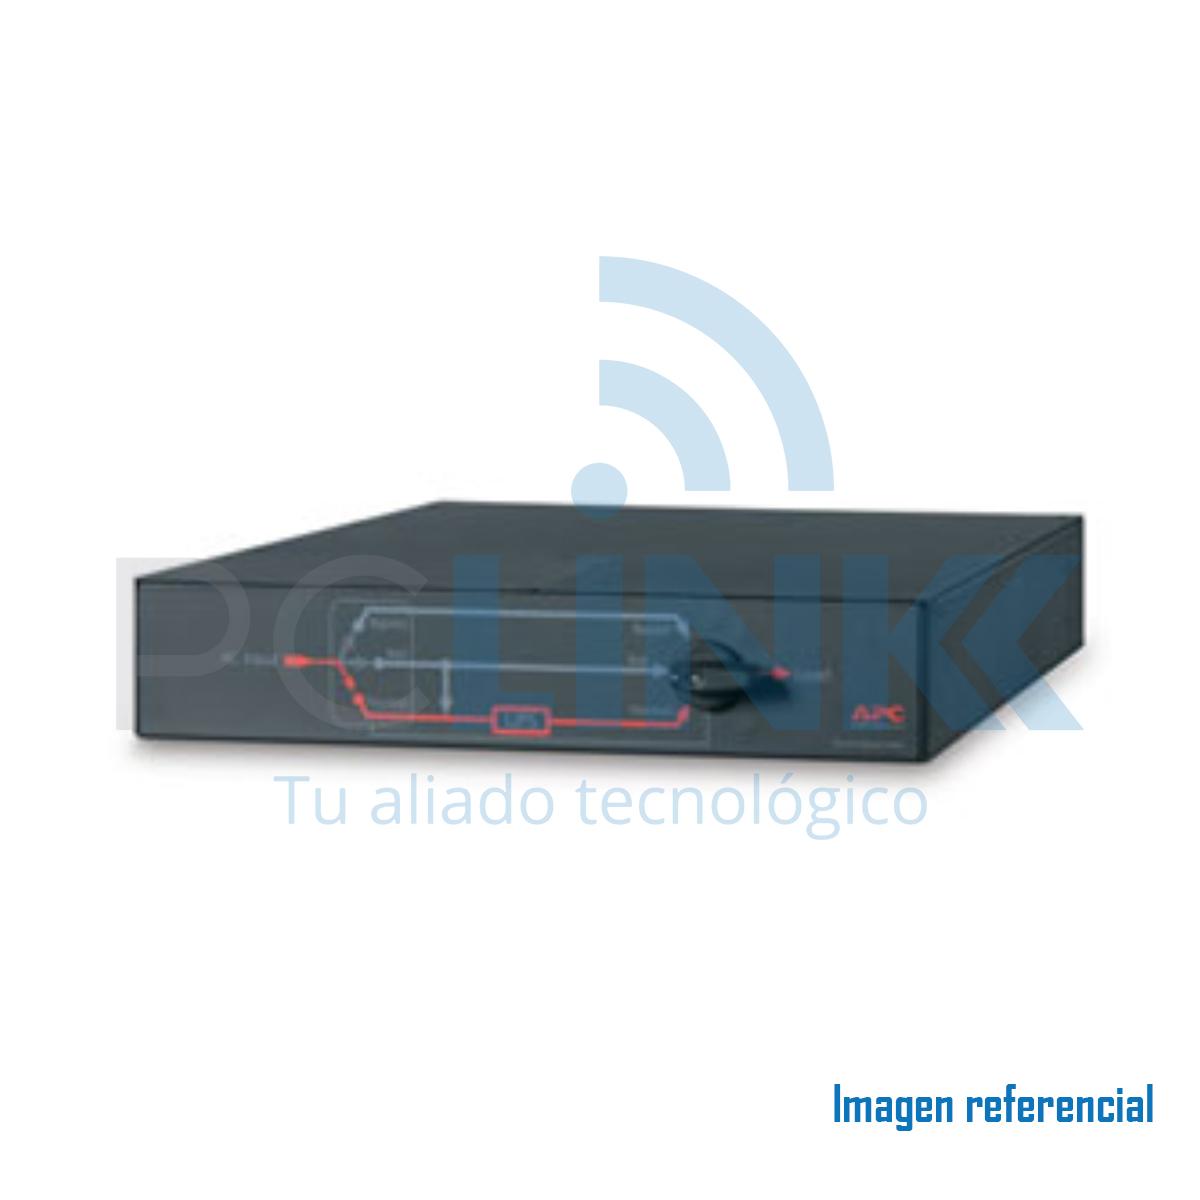 PANEL APC SBP5000RMI2U - APC S